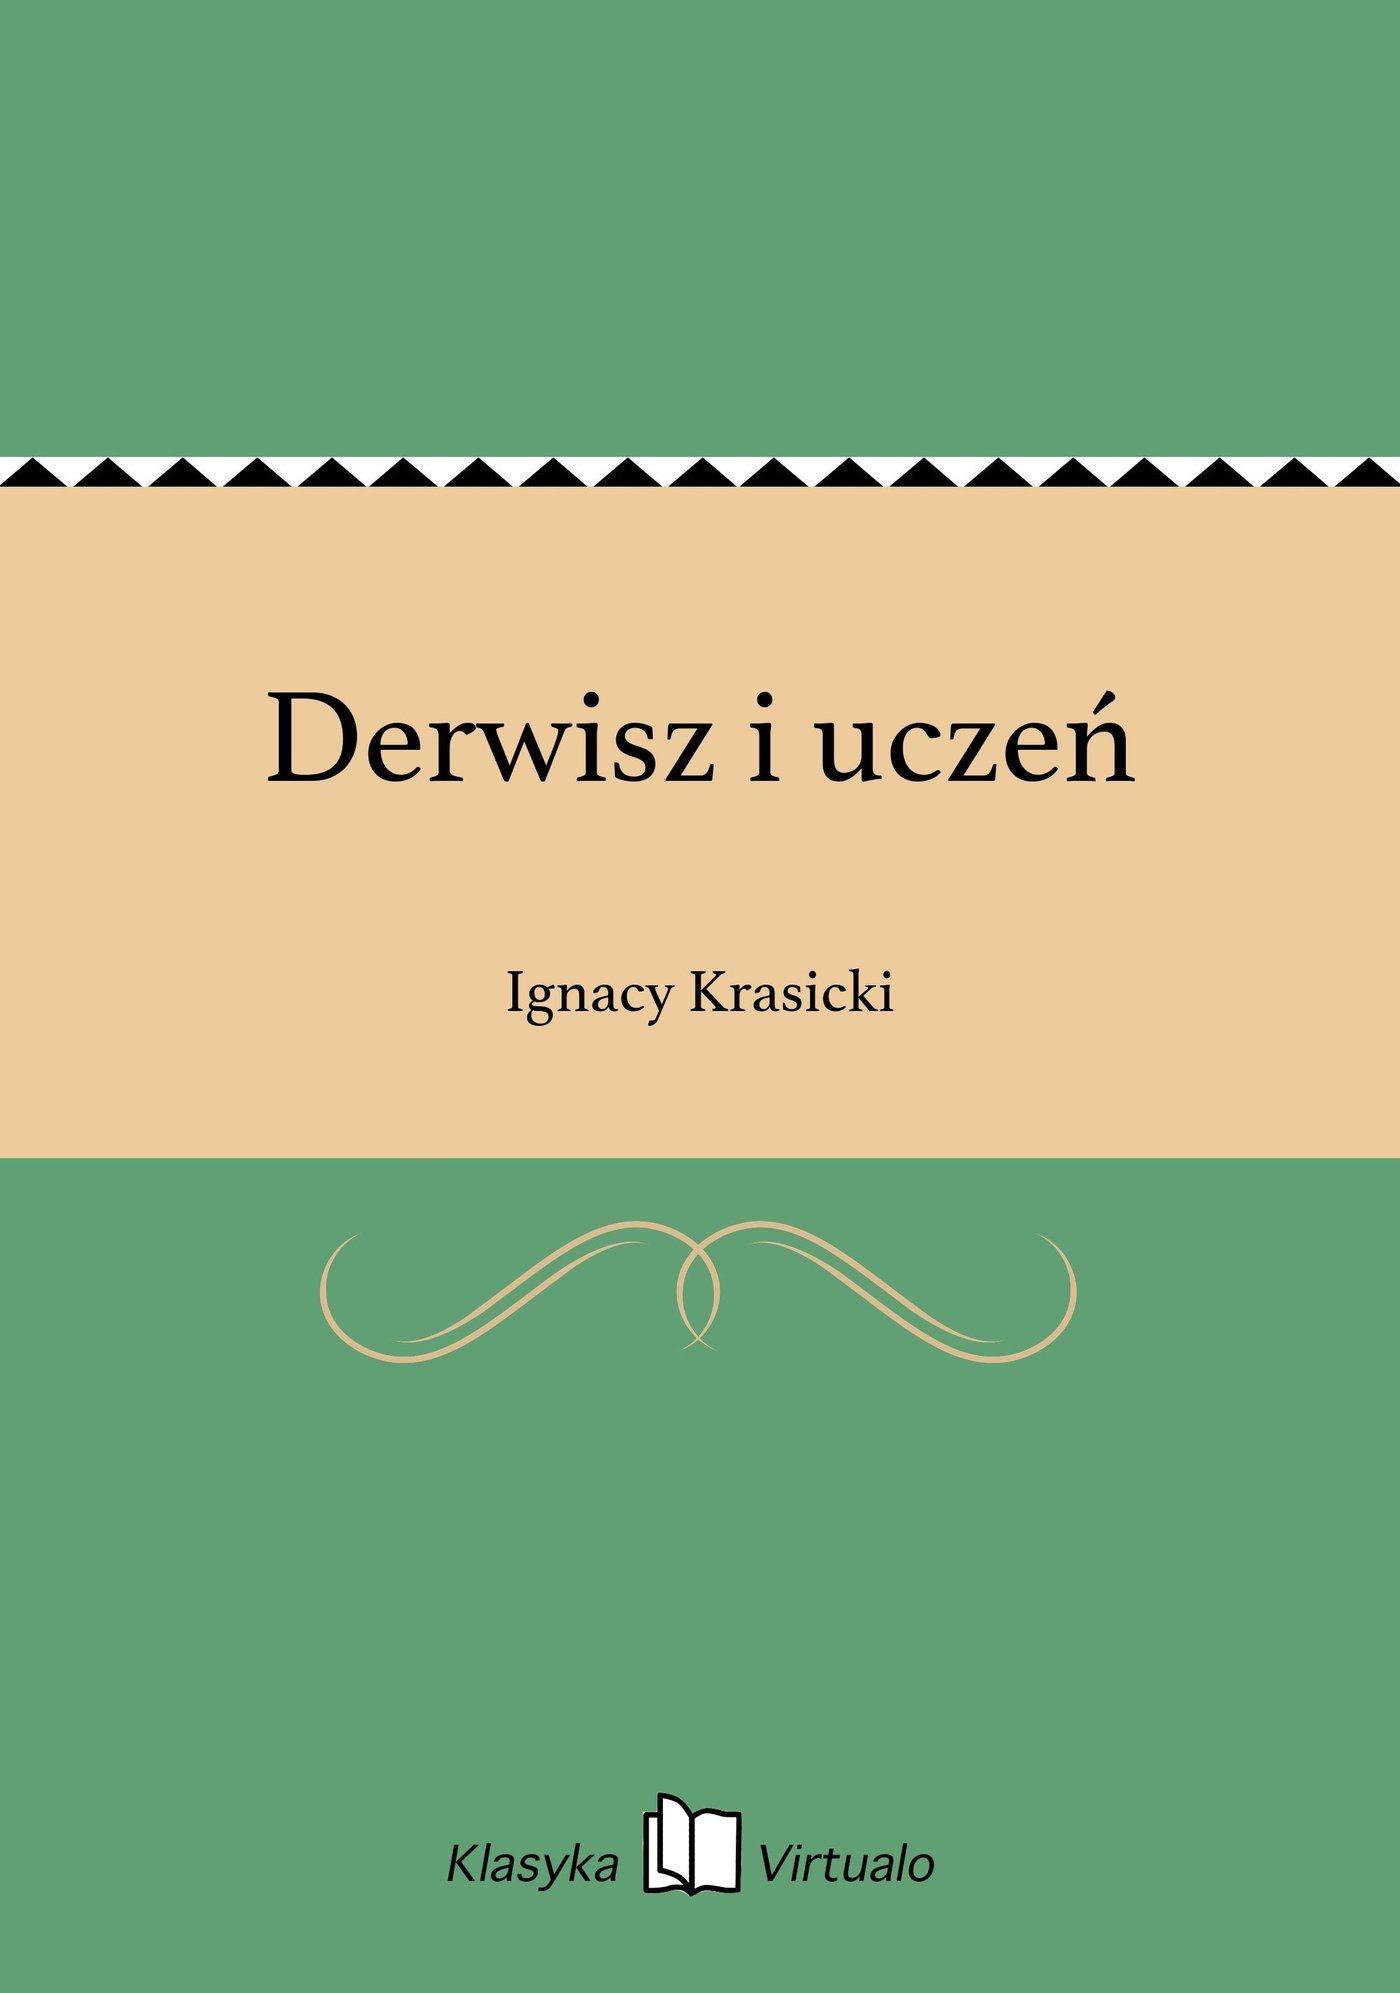 Derwisz i uczeń - Ebook (Książka EPUB) do pobrania w formacie EPUB